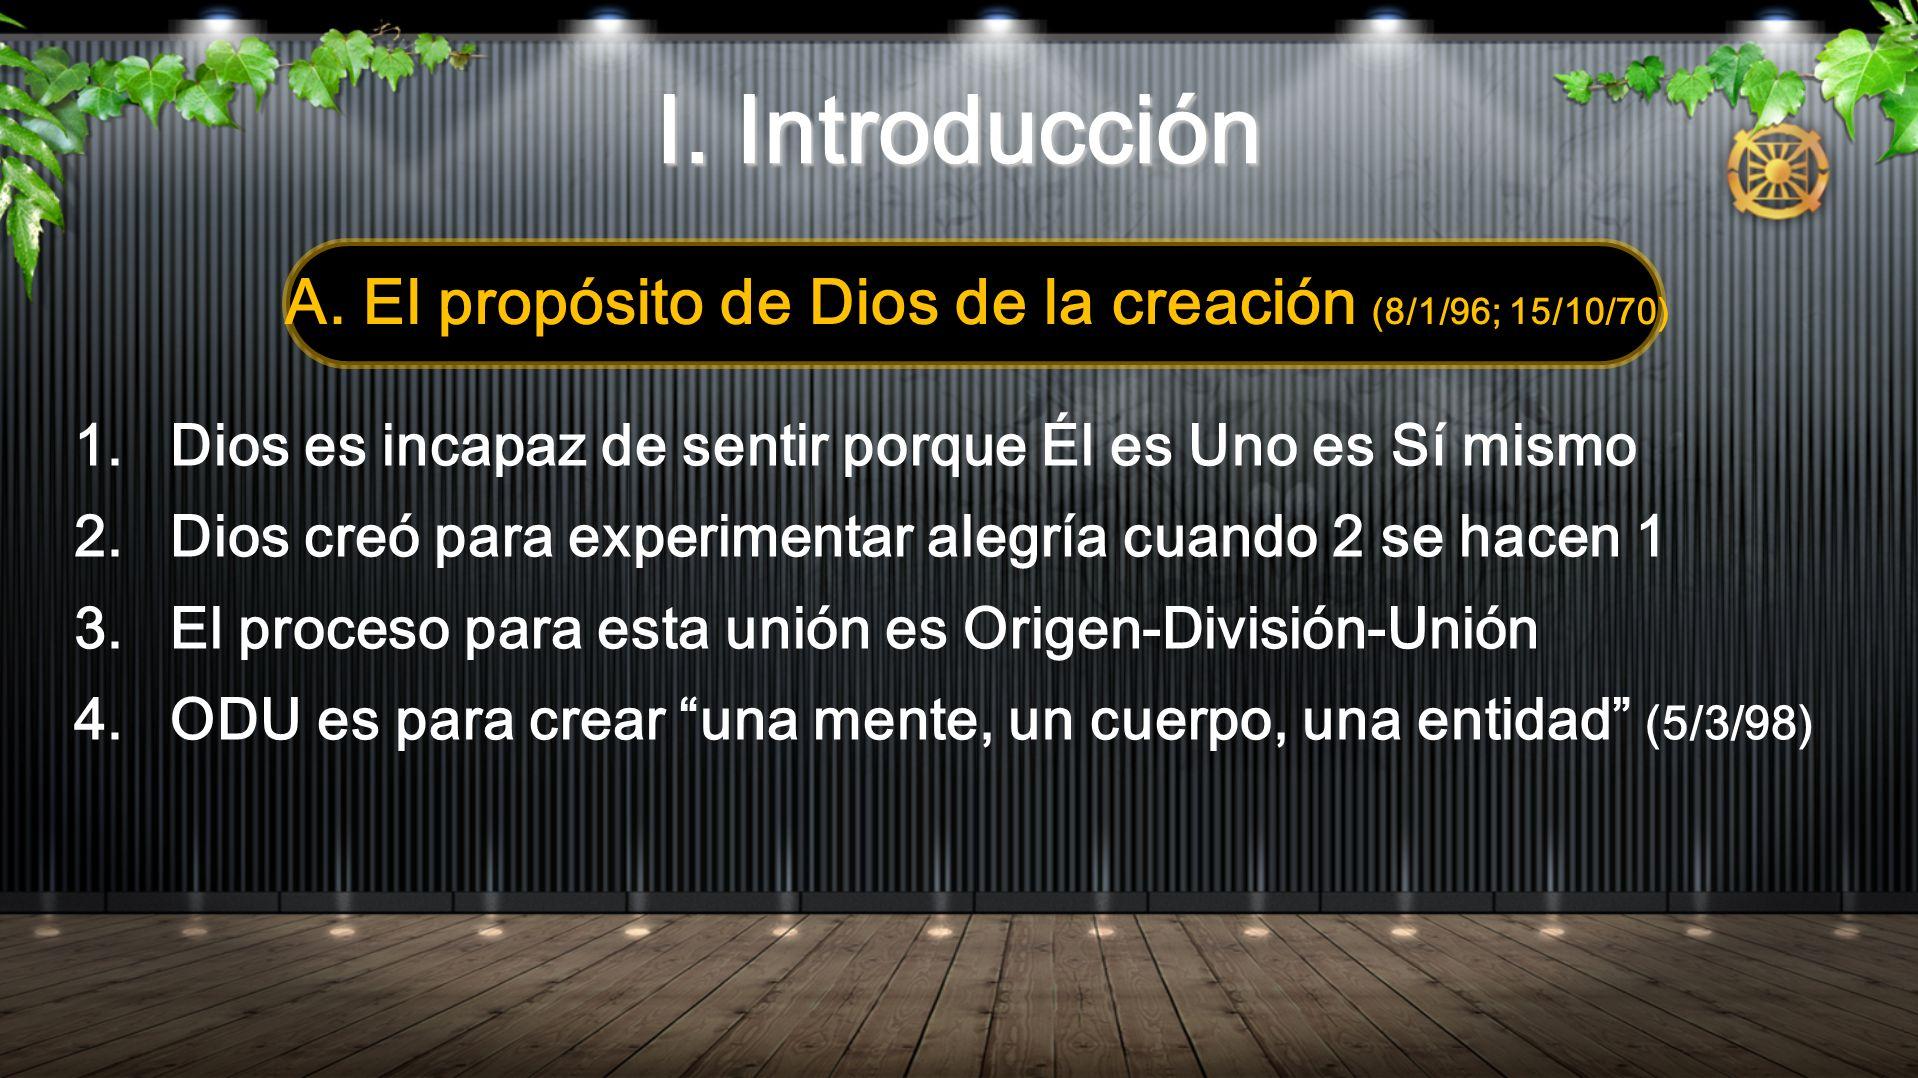 1. Dios es incapaz de sentir porque Él es Uno es Sí mismo 2. Dios creó para experimentar alegría cuando 2 se hacen 1 3. El proceso para esta unión es